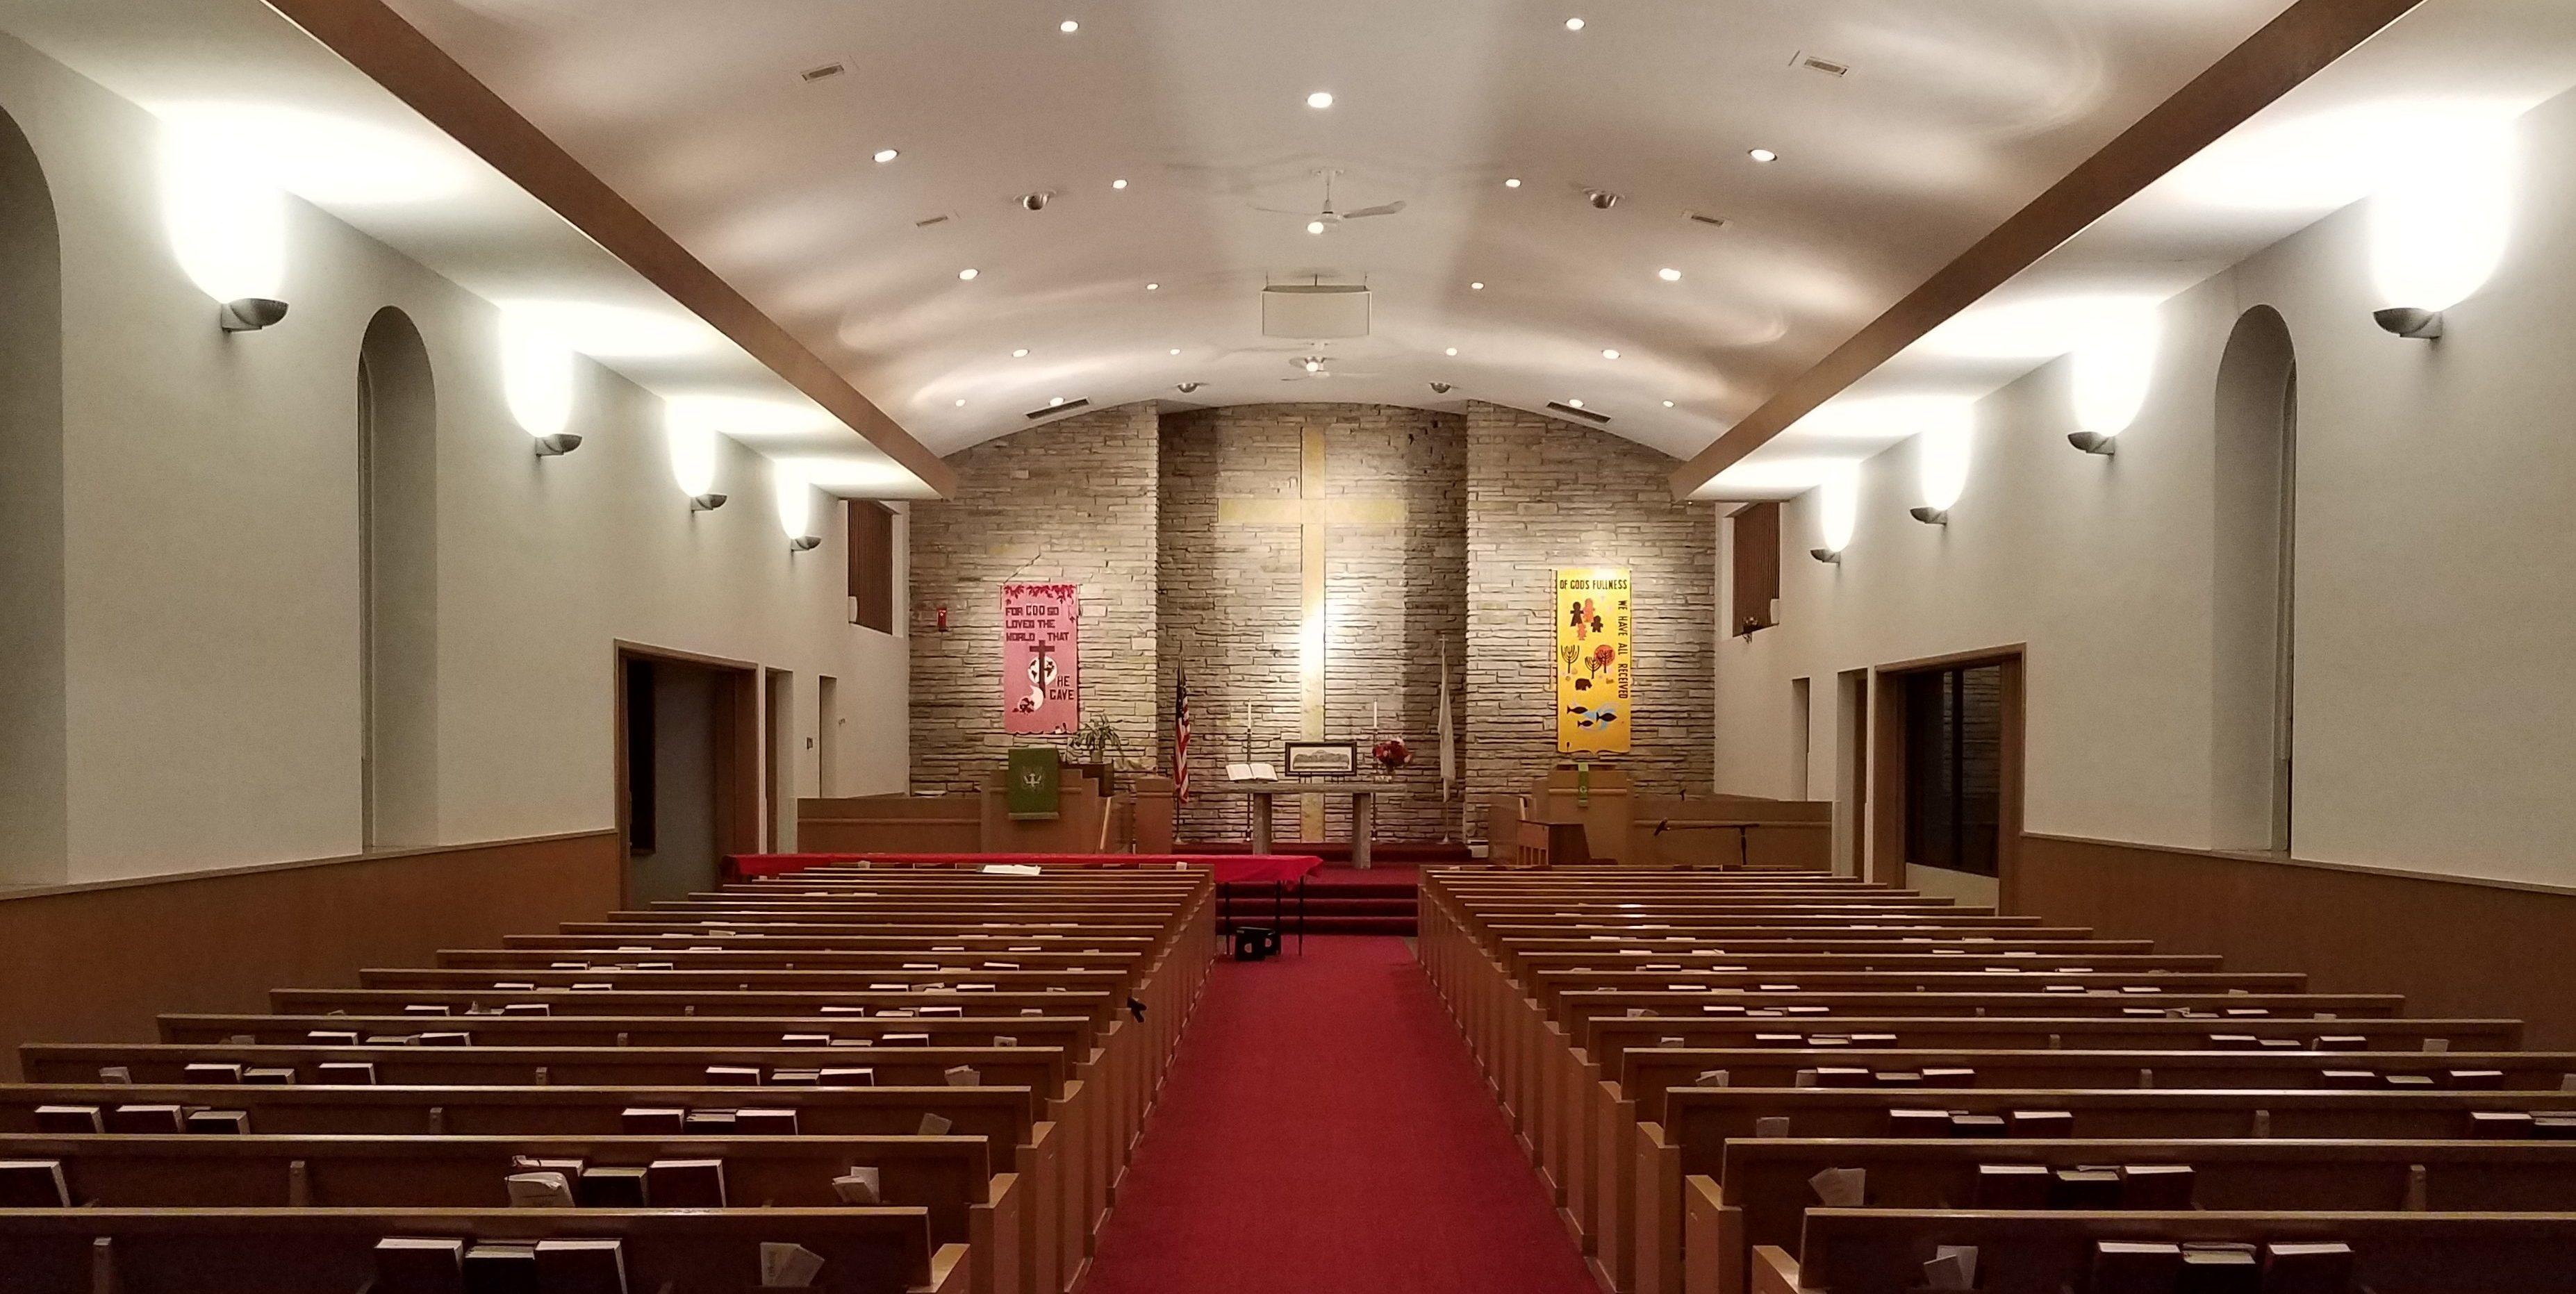 St. Pauls Sanctuary